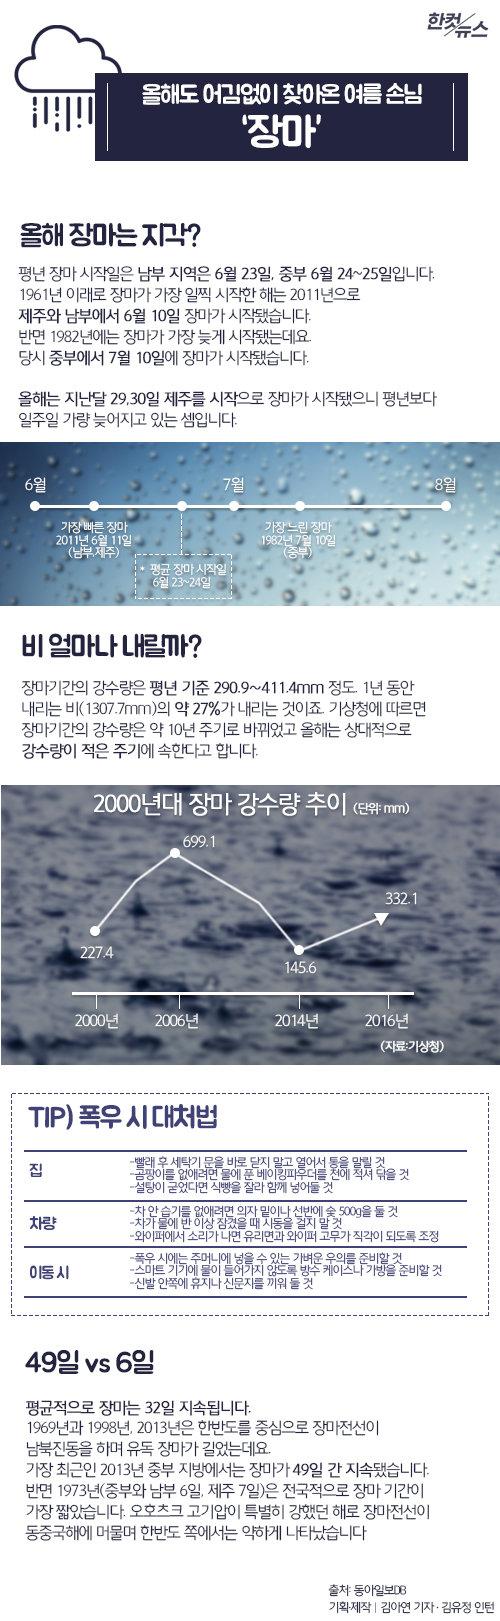 [한컷뉴스]올해 장마, 늦게 시작해 비는 덜 온다?